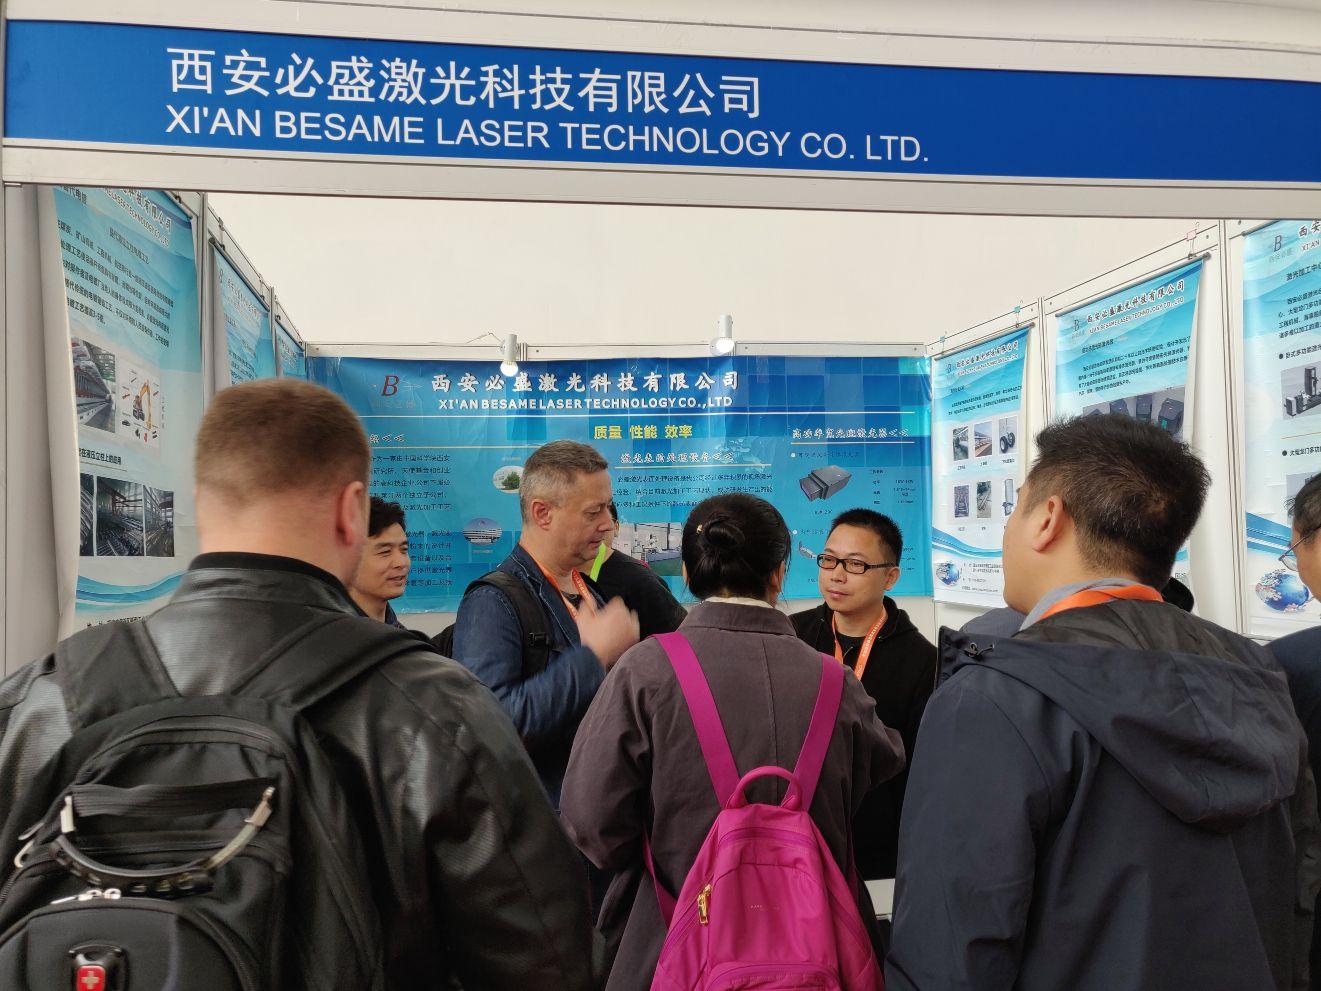 硬科技助力采矿技术创新,必盛激光携激光熔覆设备亮相中国国际采矿展